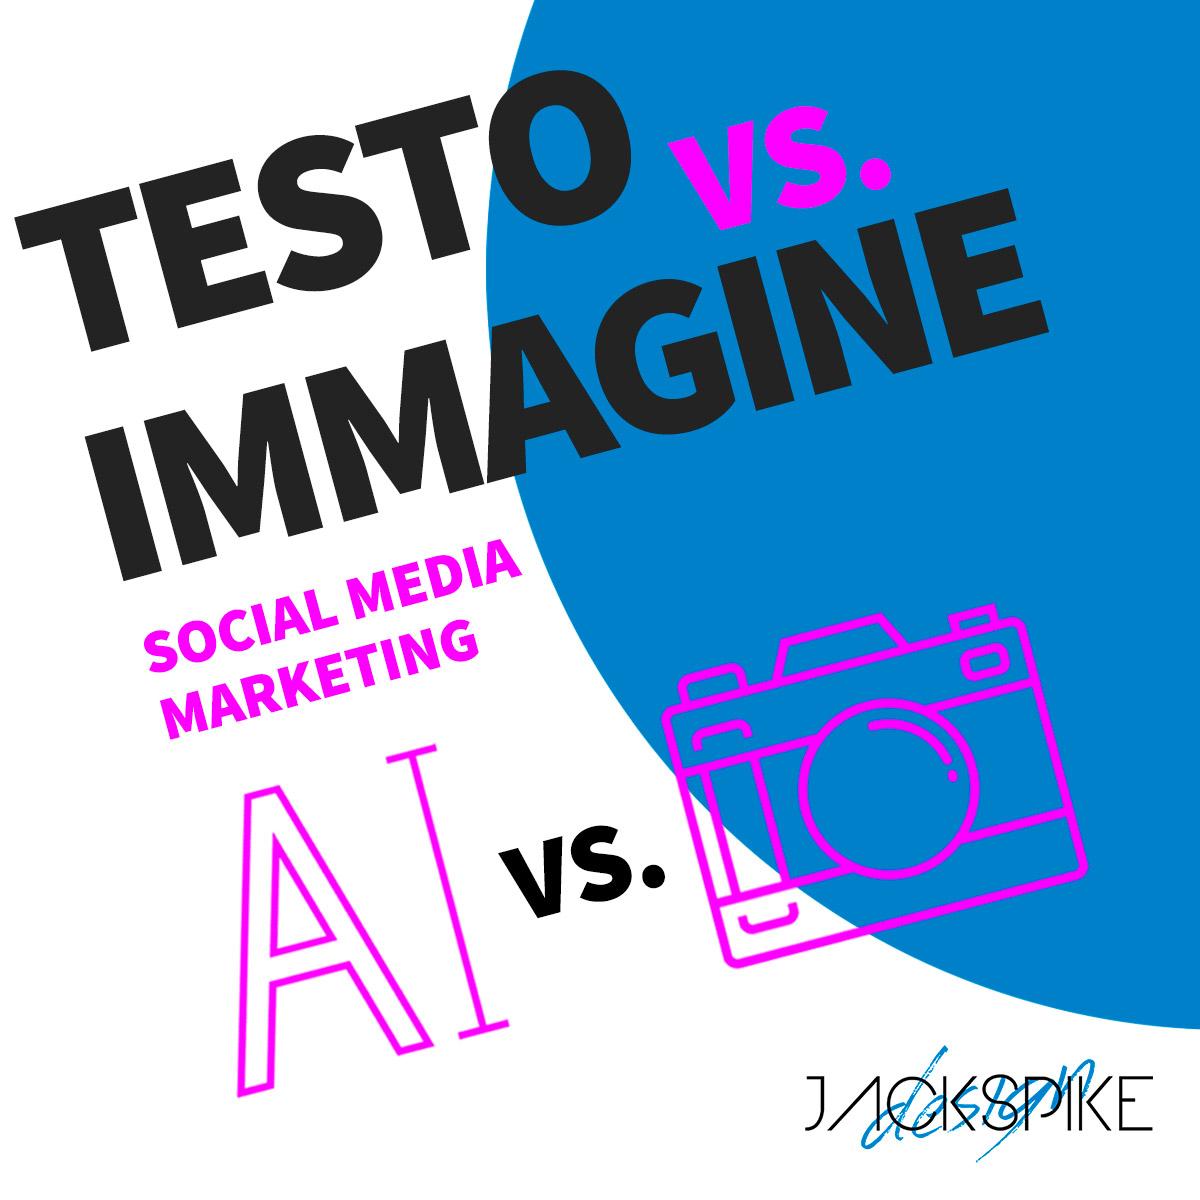 testo vs immagine nel copywriting